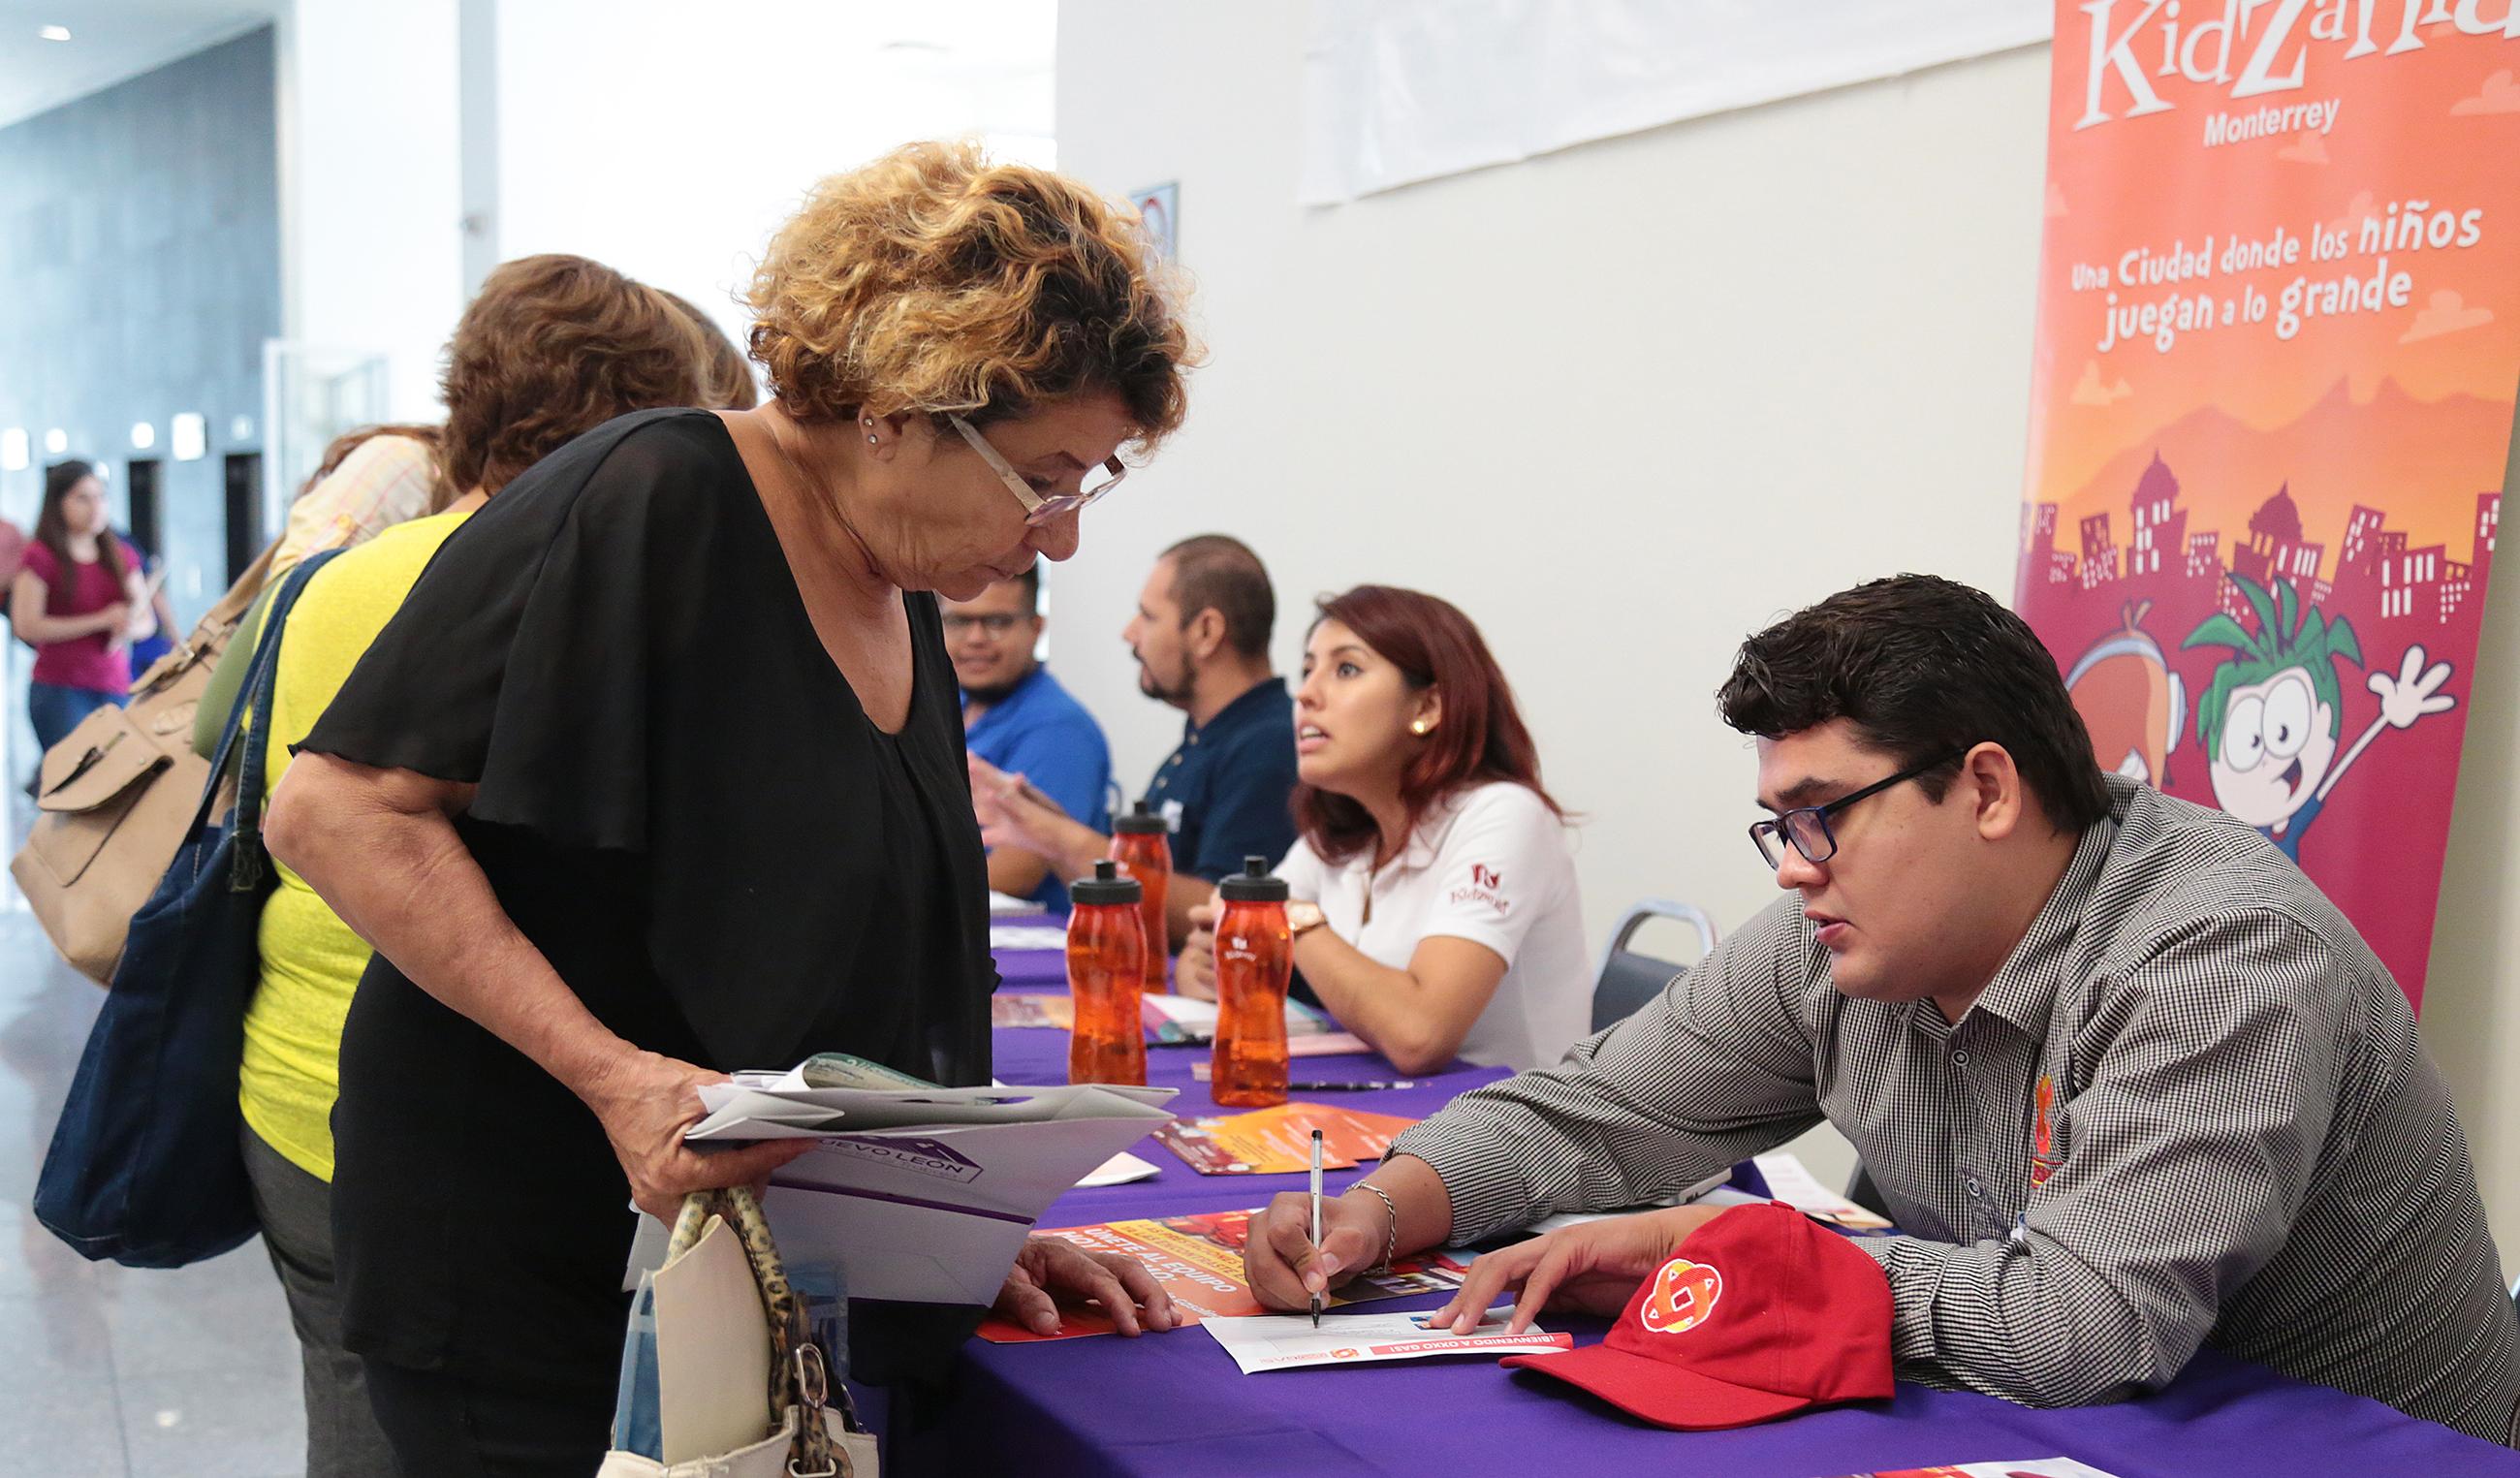 http://www.nl.gob.mx/noticias/ofertan-trabajos-para-abuelitos